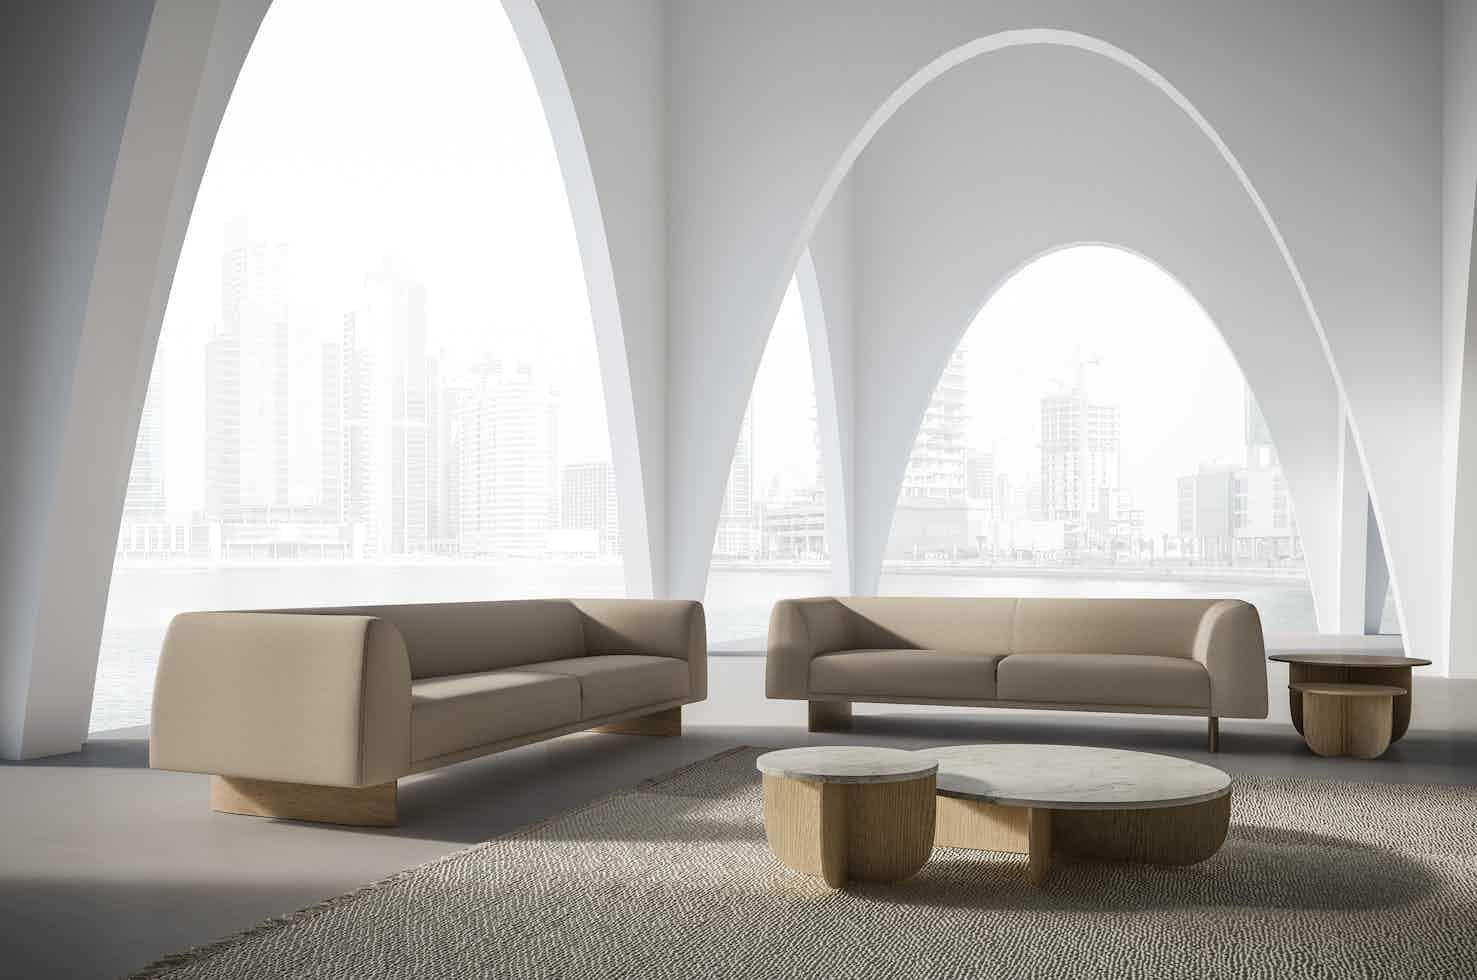 Lacividina tailor sofa tan arches haute living